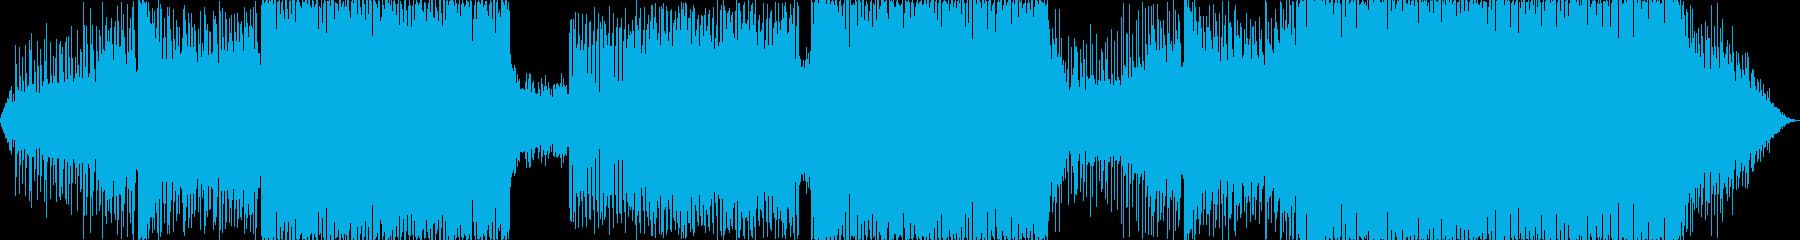 壮大で明るいEDMの再生済みの波形